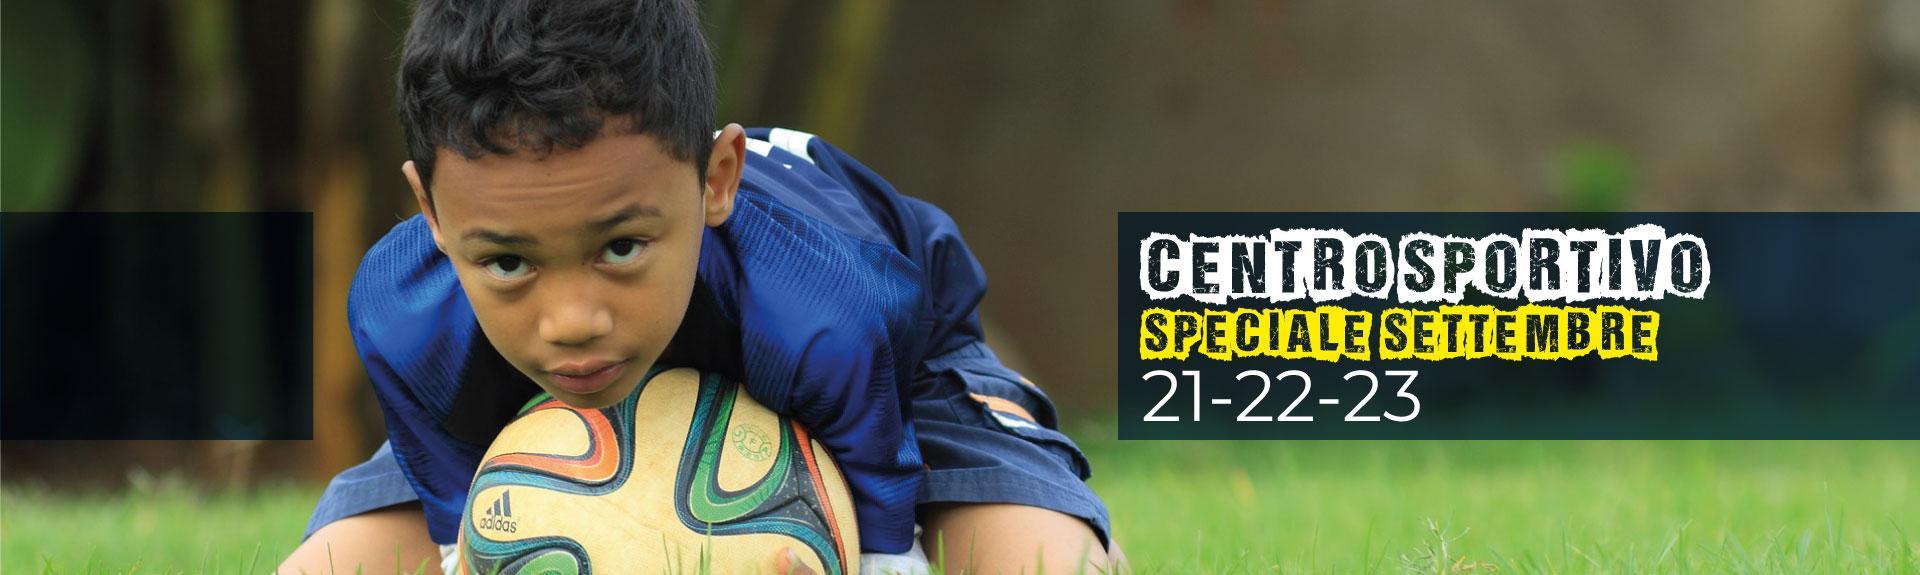 speciale settembre - centro sportivo isef